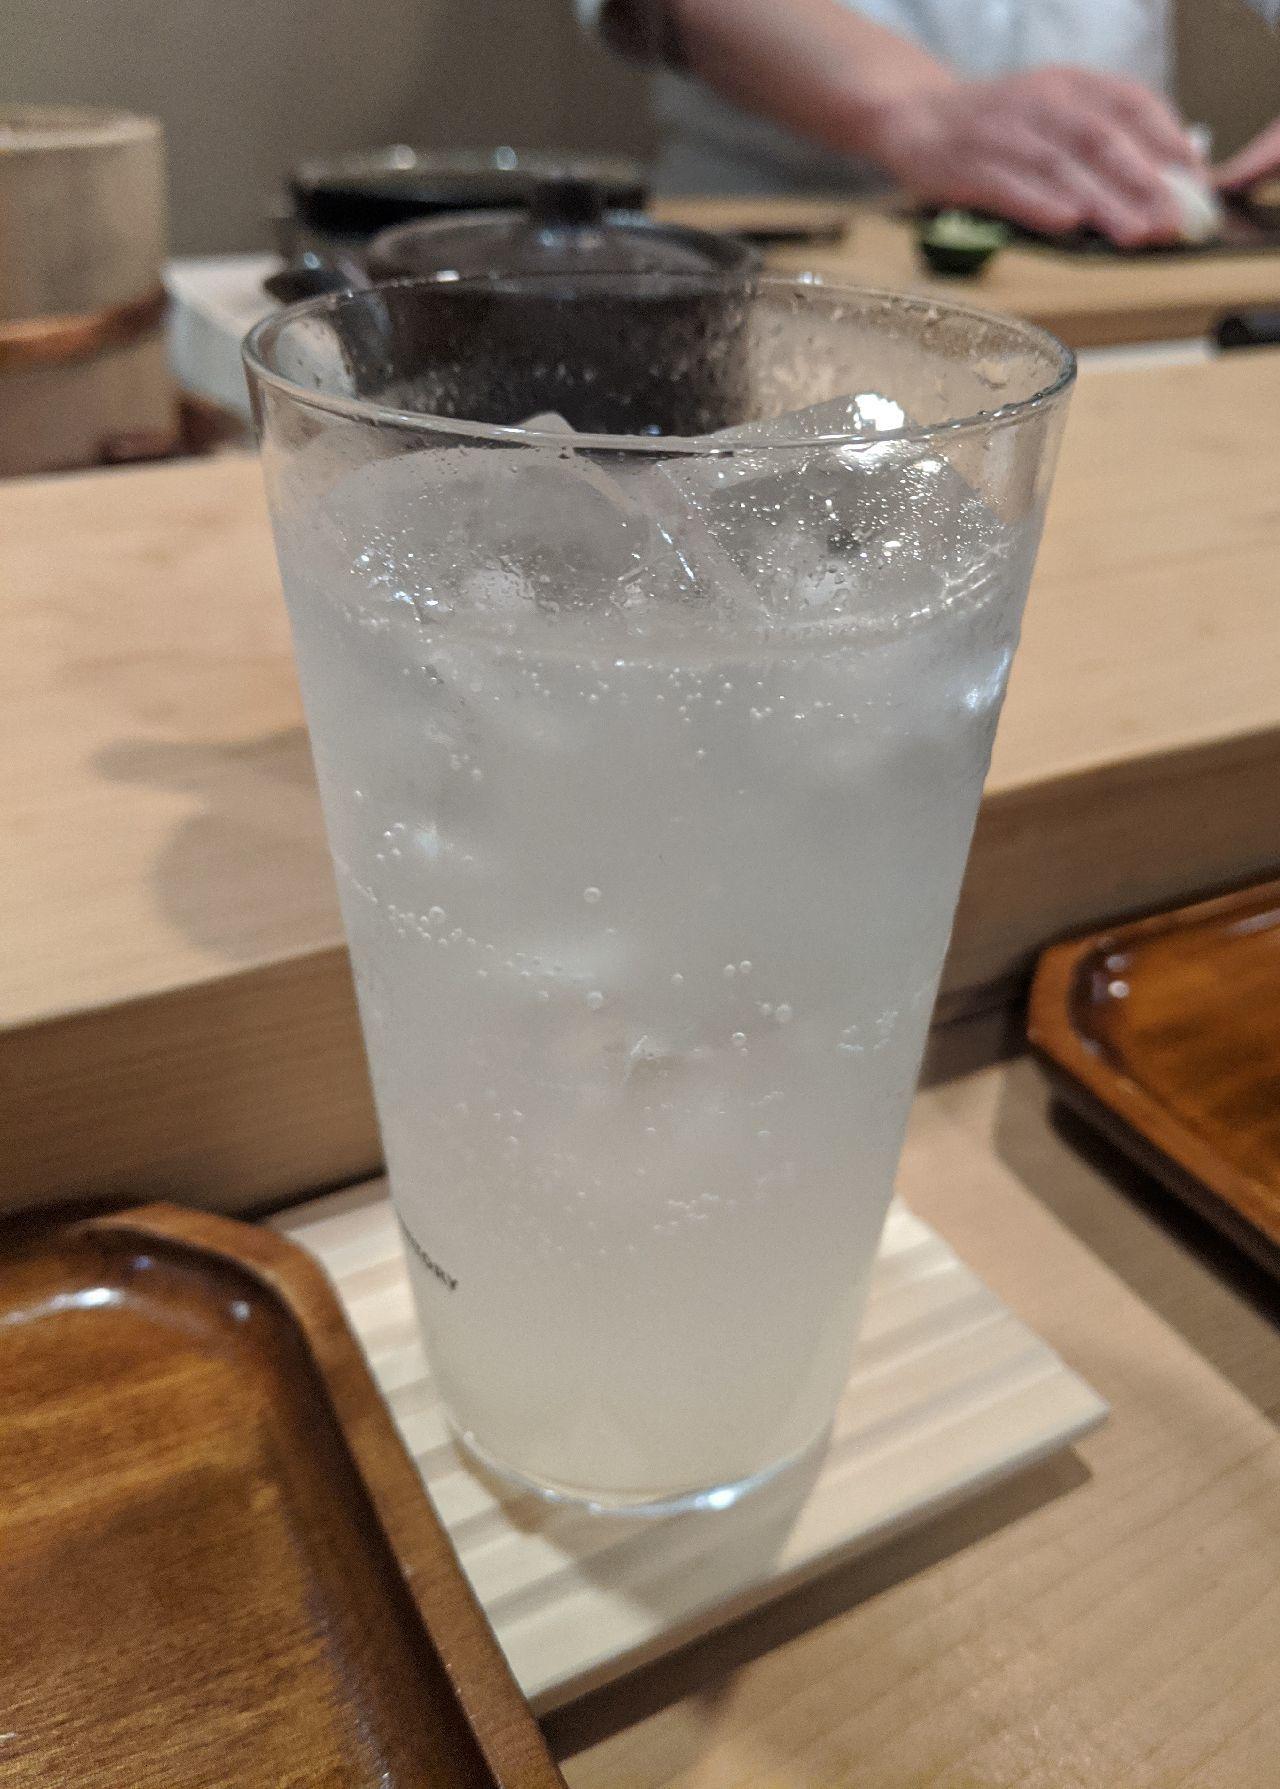 MVIMG_20200319_203340柚子酒ソーダ割